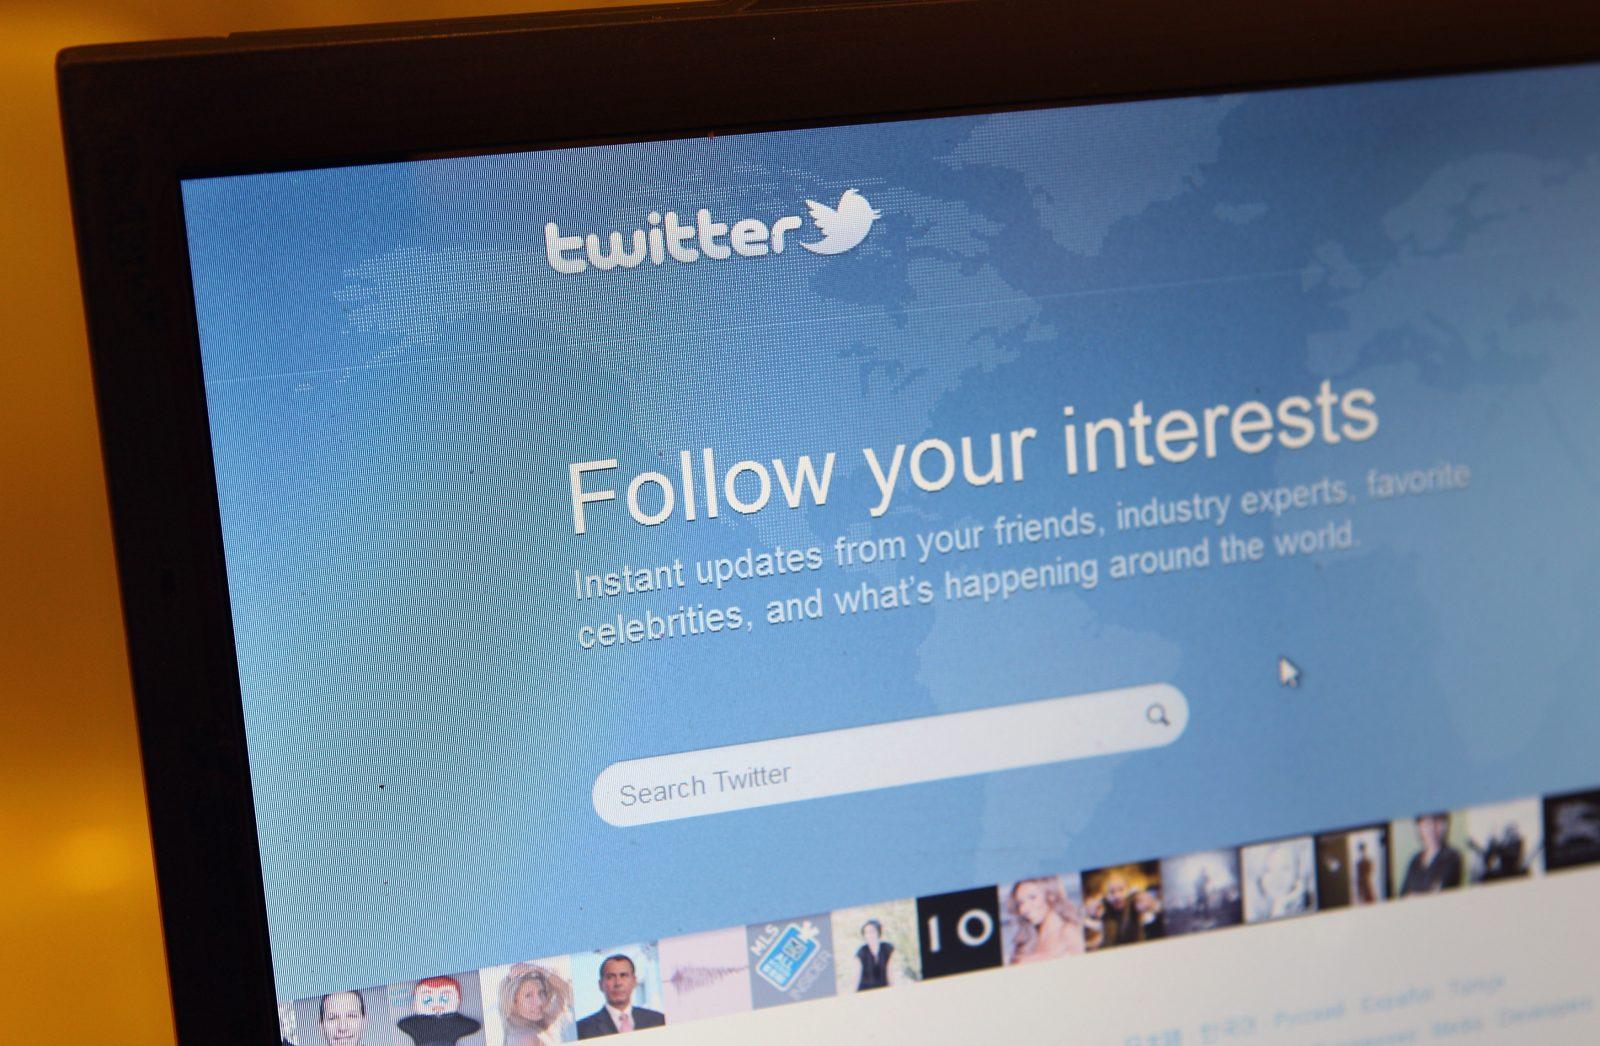 Com a parceria, o Twitter se posiciona como um influenciador nas buscas do Google.